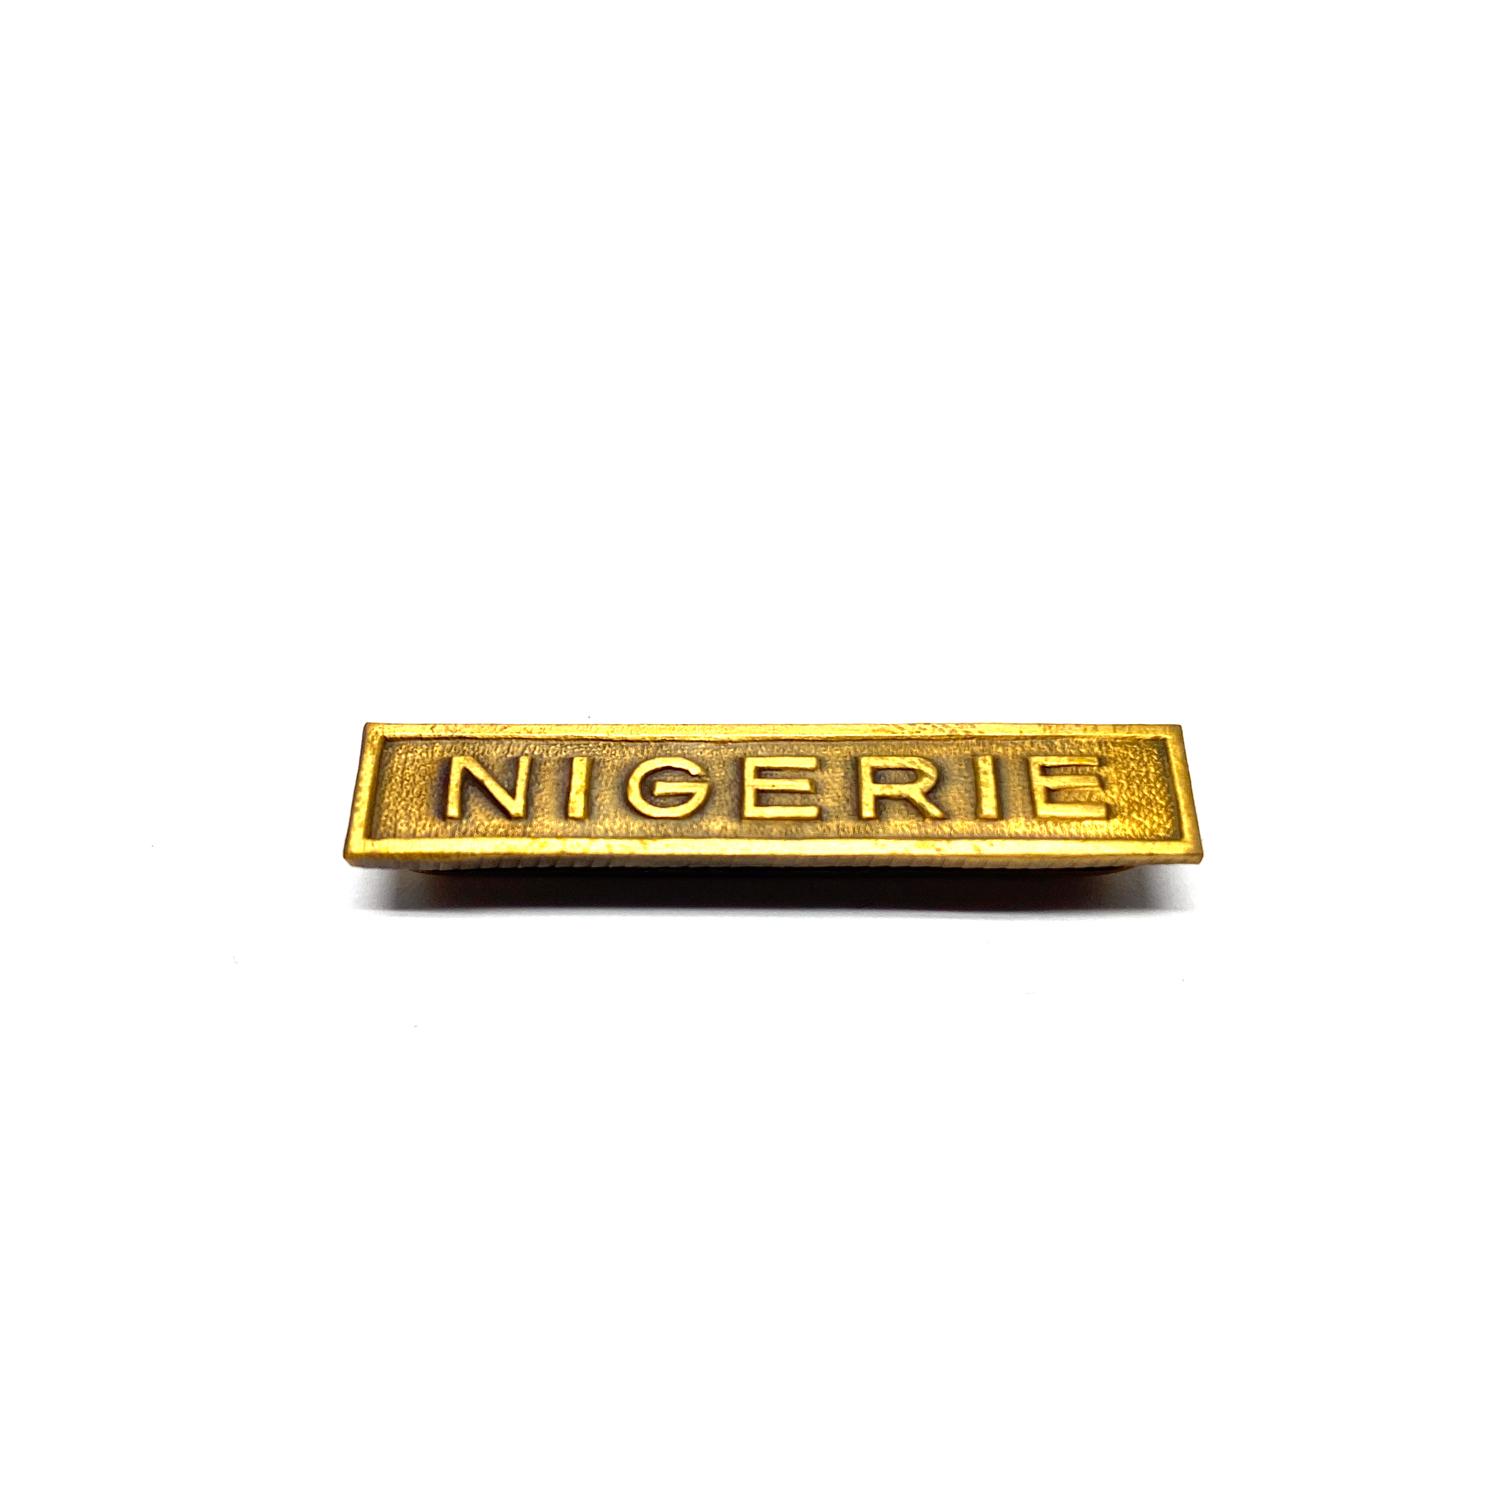 Baret Nigerie voor oorlogseretekens